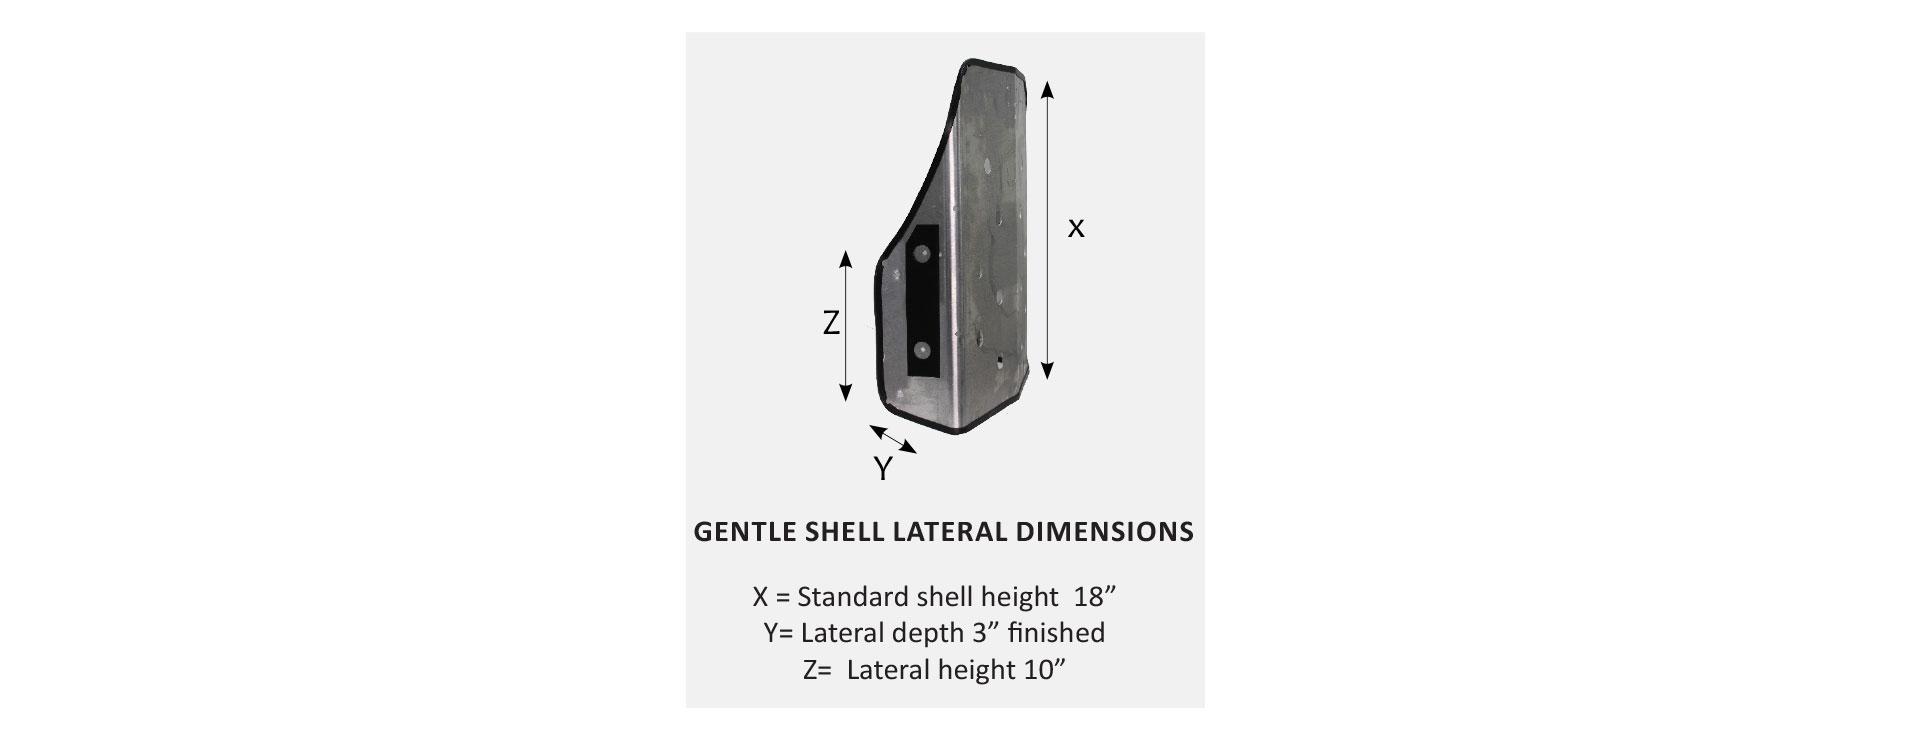 confortable b/éb/é Extender Grenouill/ère partenaire Super Utility b/éb/é dallongement Gap pi/èce Body Patch